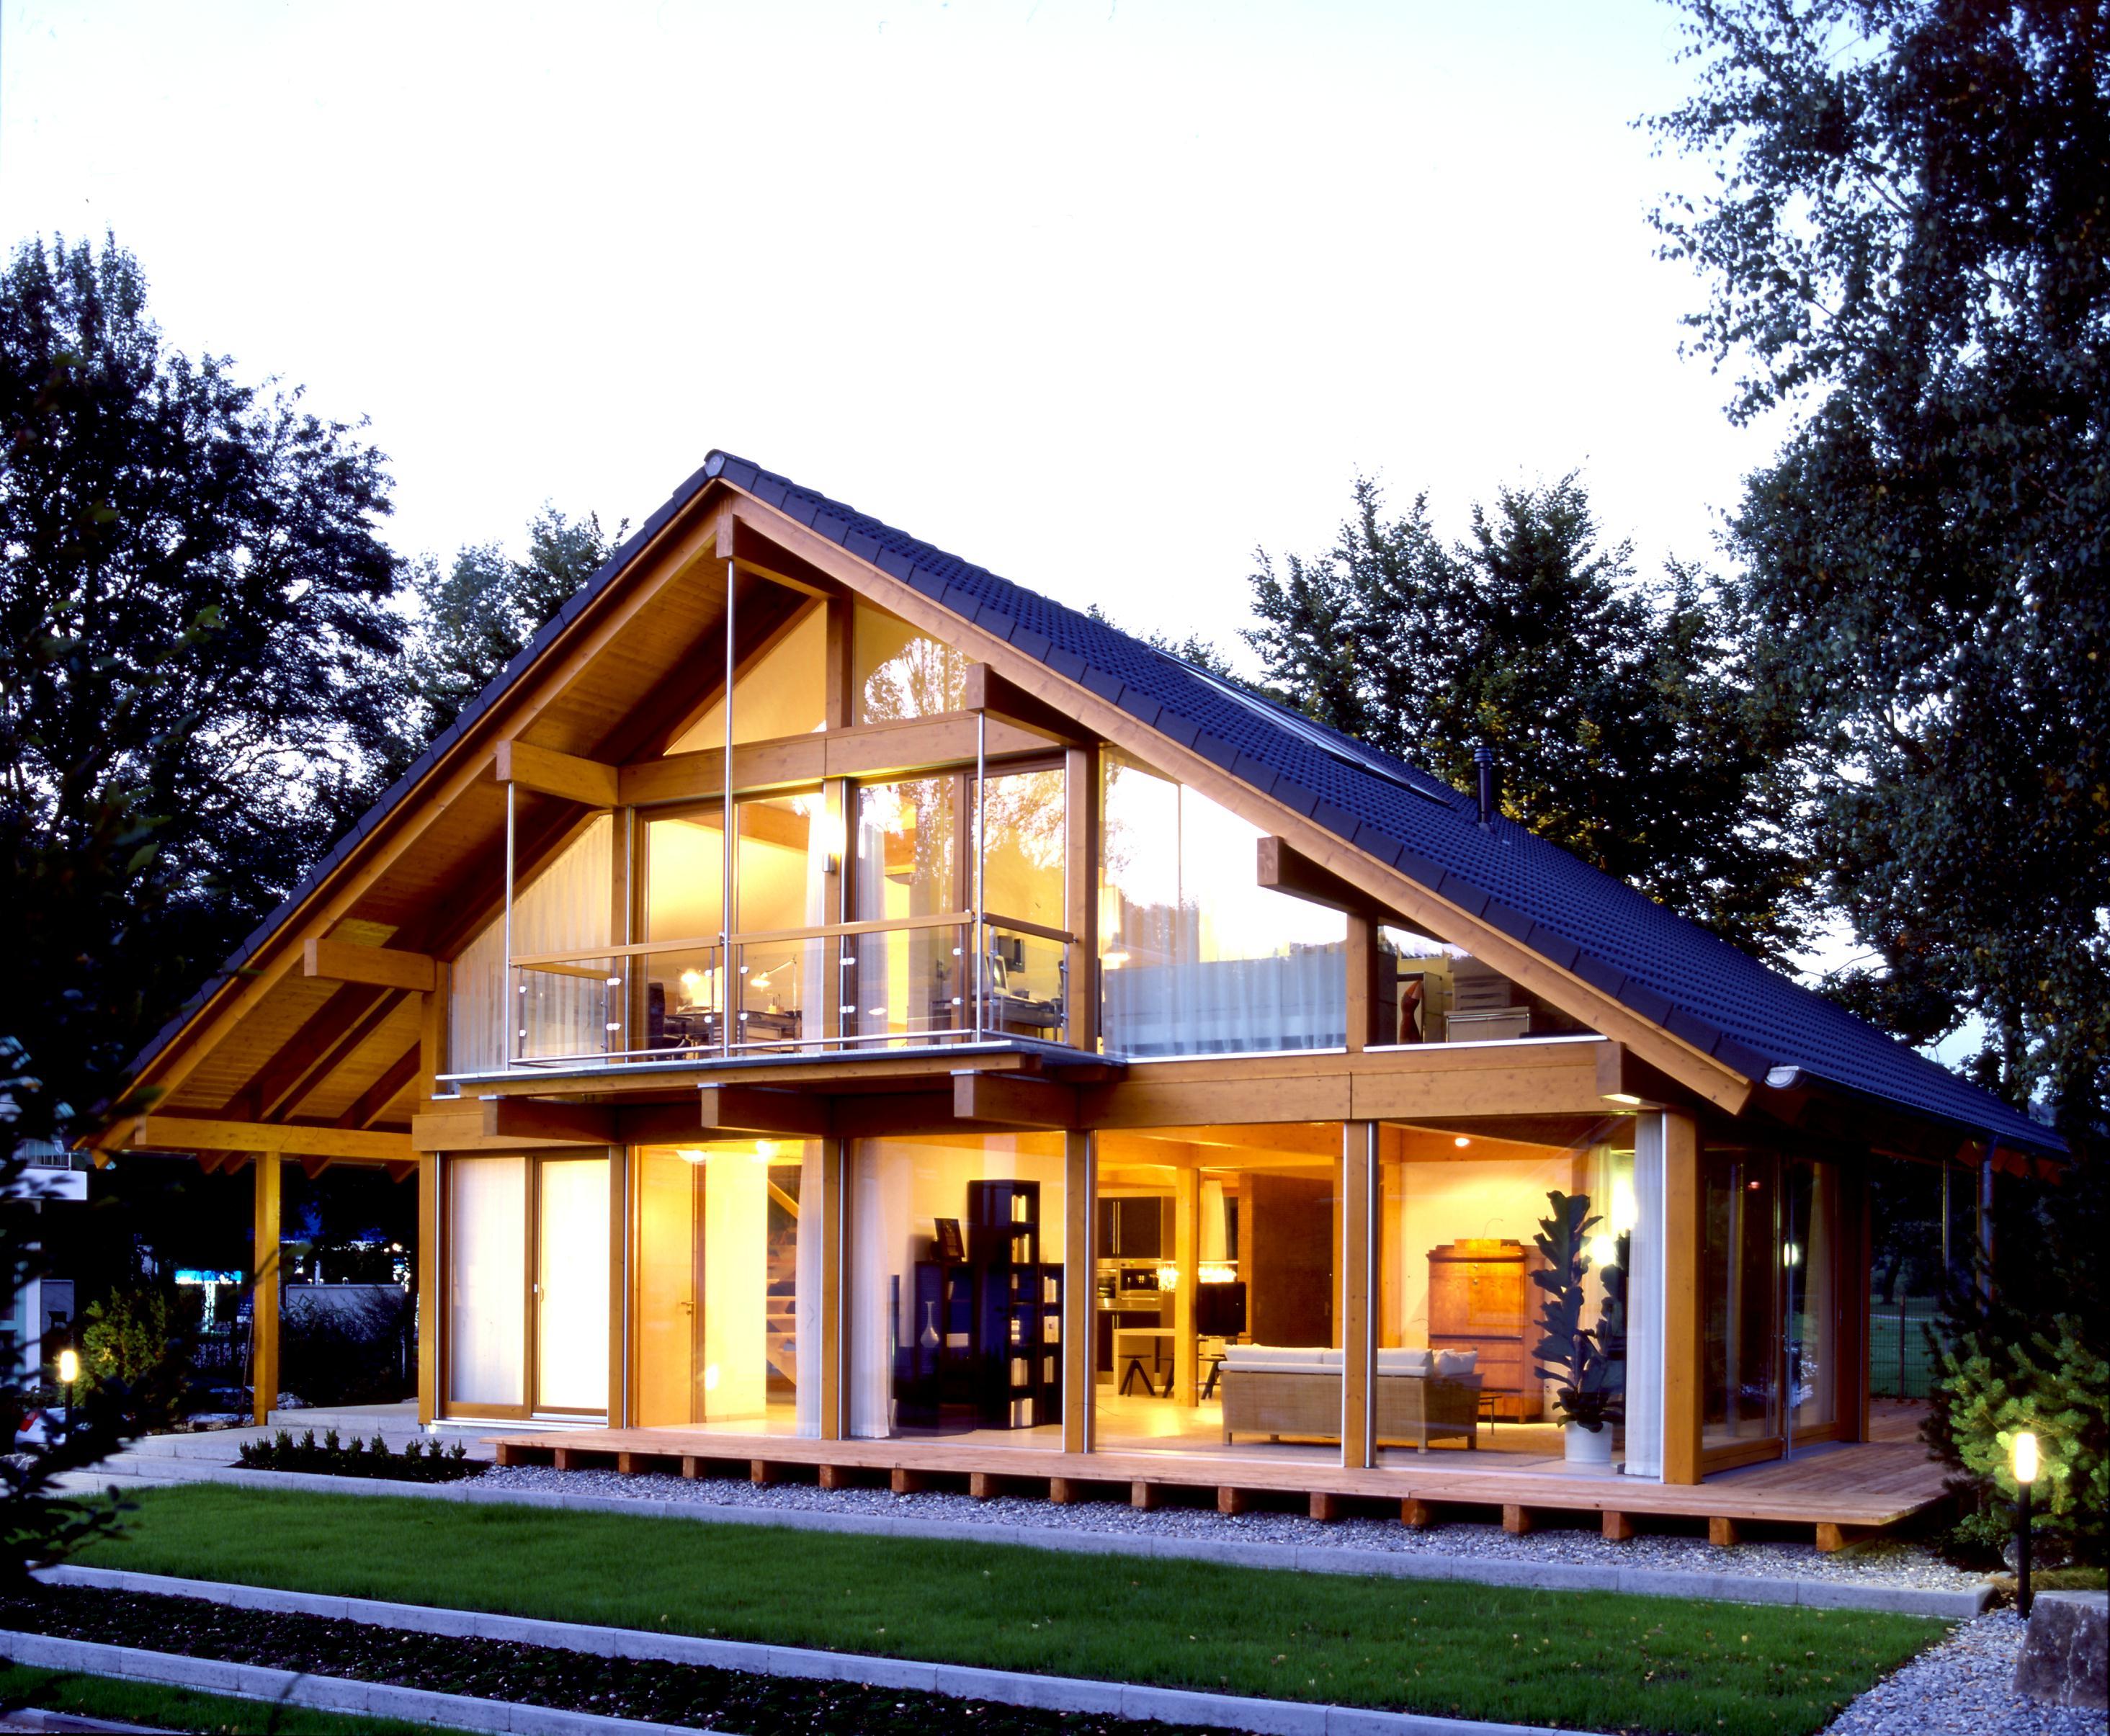 Casas lindas 26 fotos inspiradoras arquidicas for Casa immagini